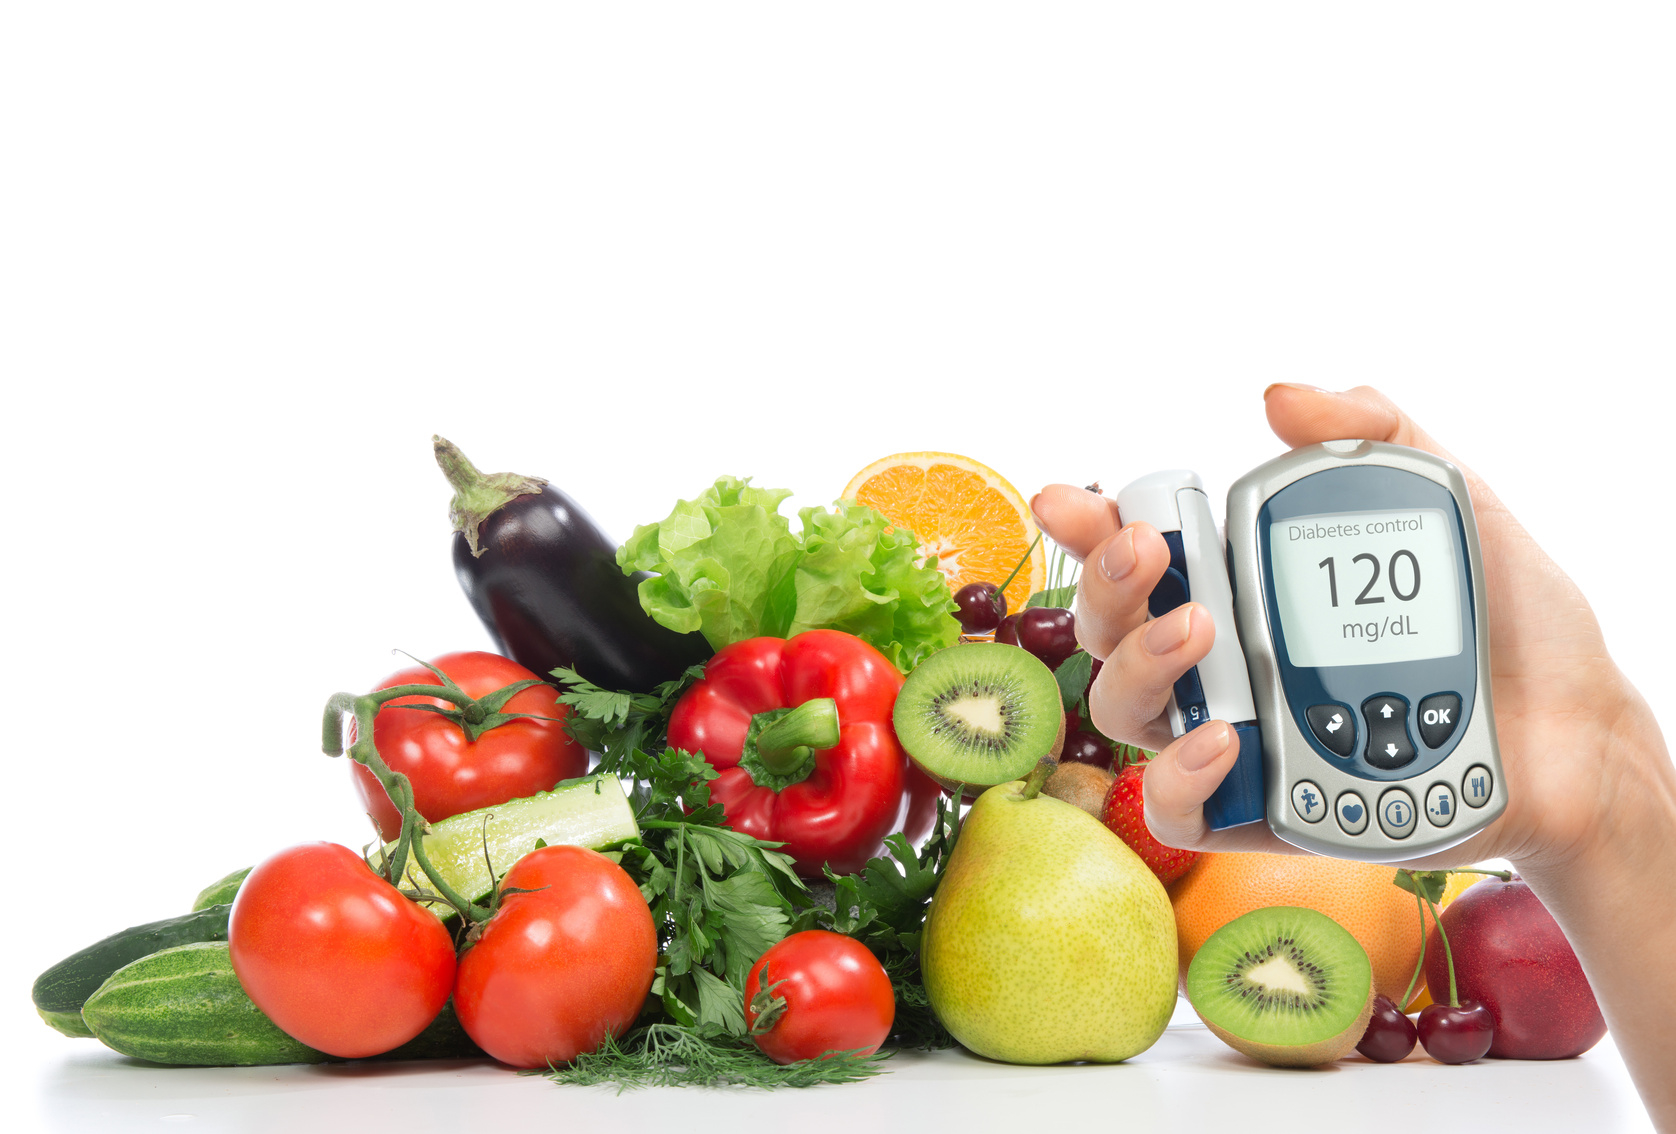 Bệnh tiểu đường nên ăn gì và không nên ăn gì?